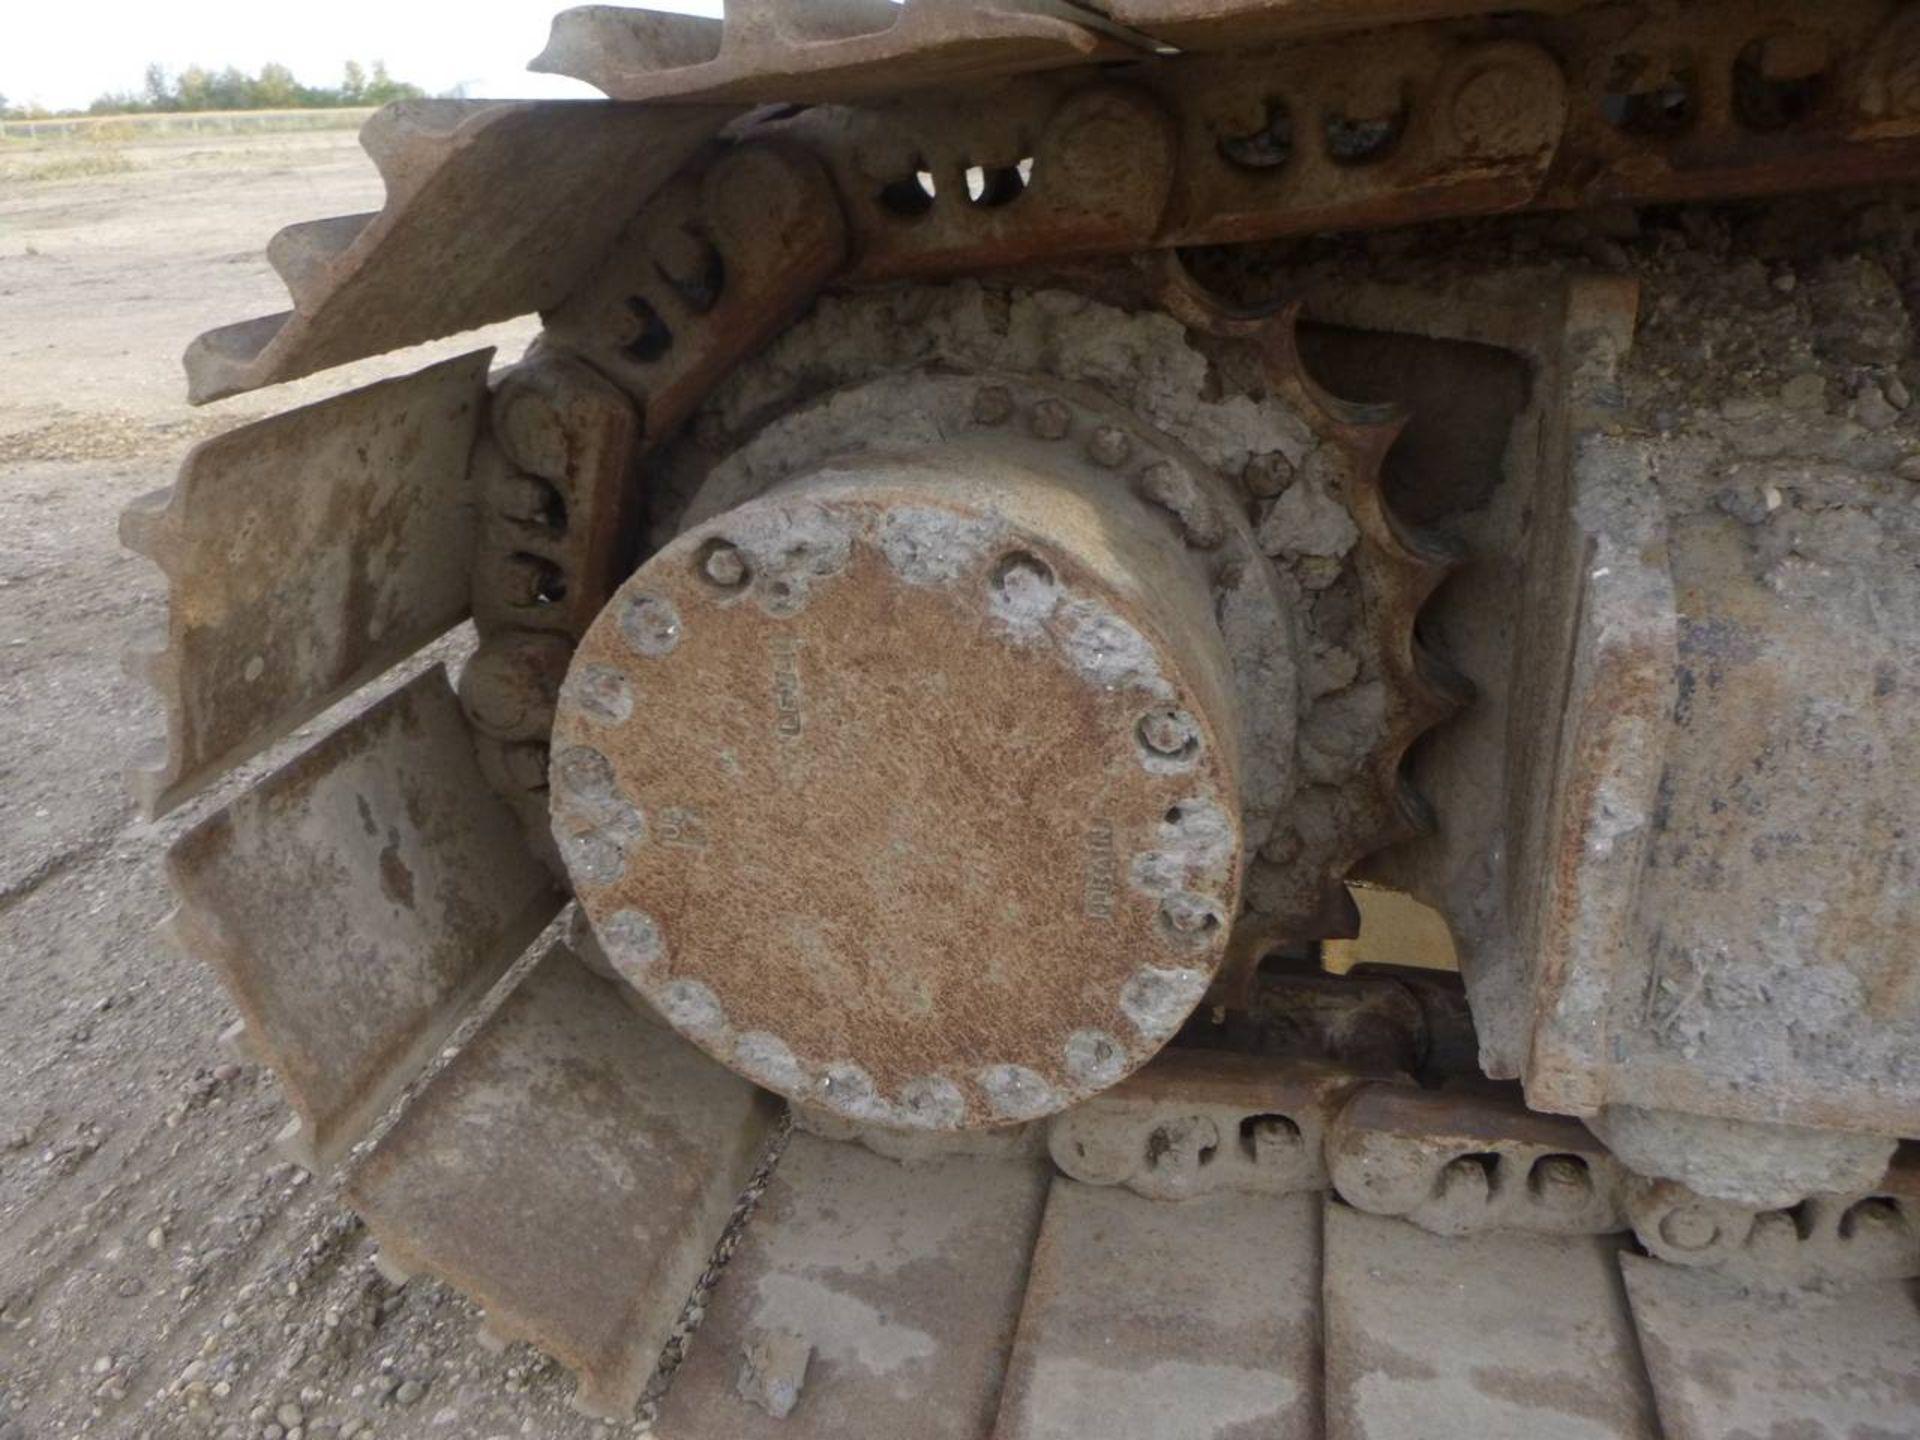 2012 John Deere 350G LC Excavator - Image 4 of 12